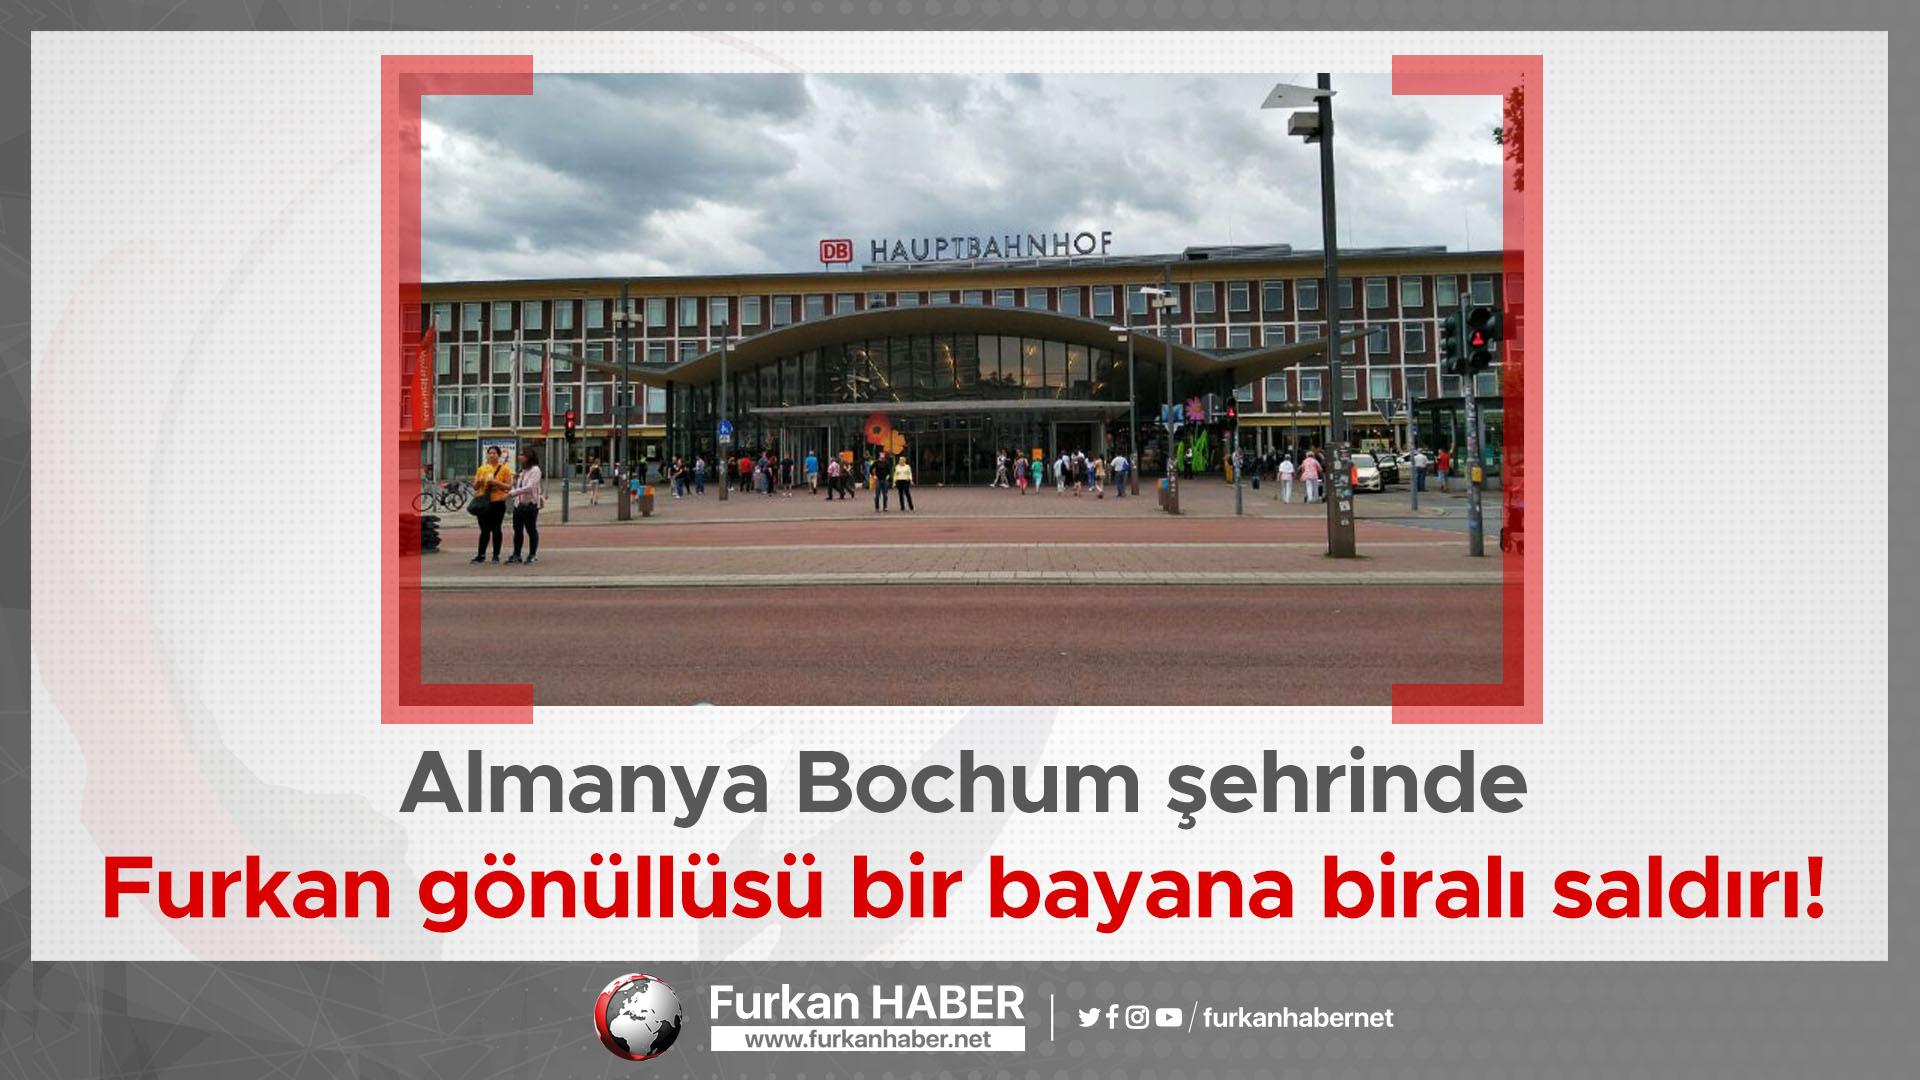 Almanya Bochum şehrinde Furkan gönüllüsü bir bayana biralı saldırı!